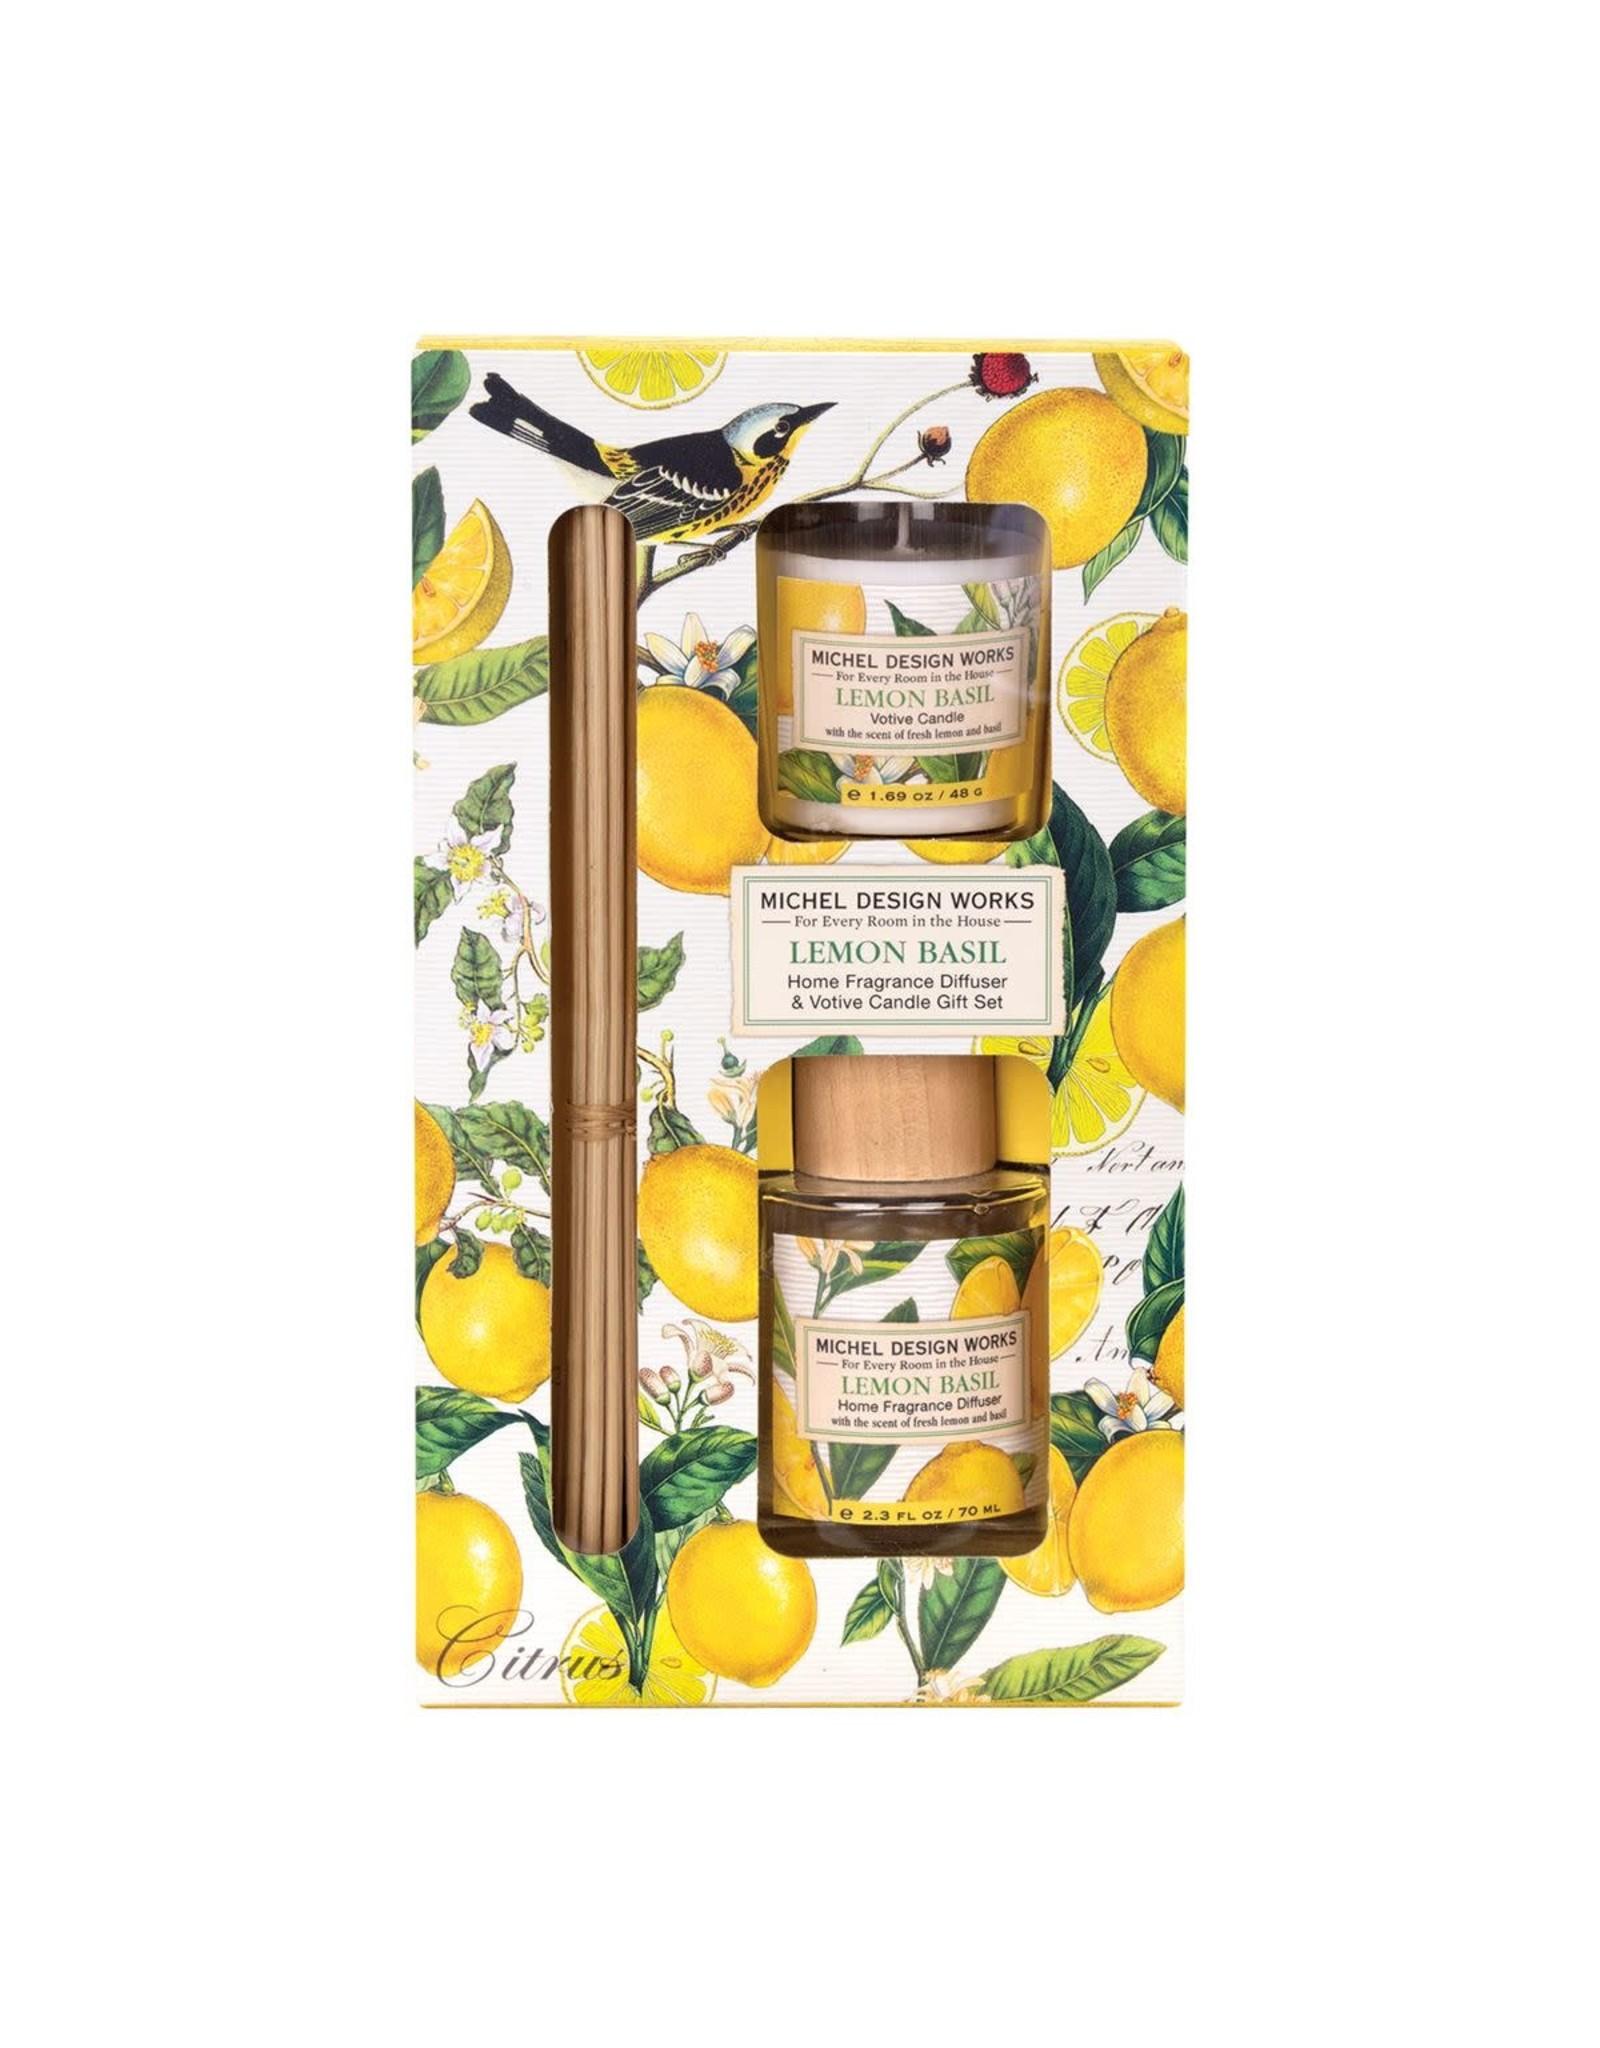 Michel Design Michel lemon Basil Diffuser & Votive Candle Set